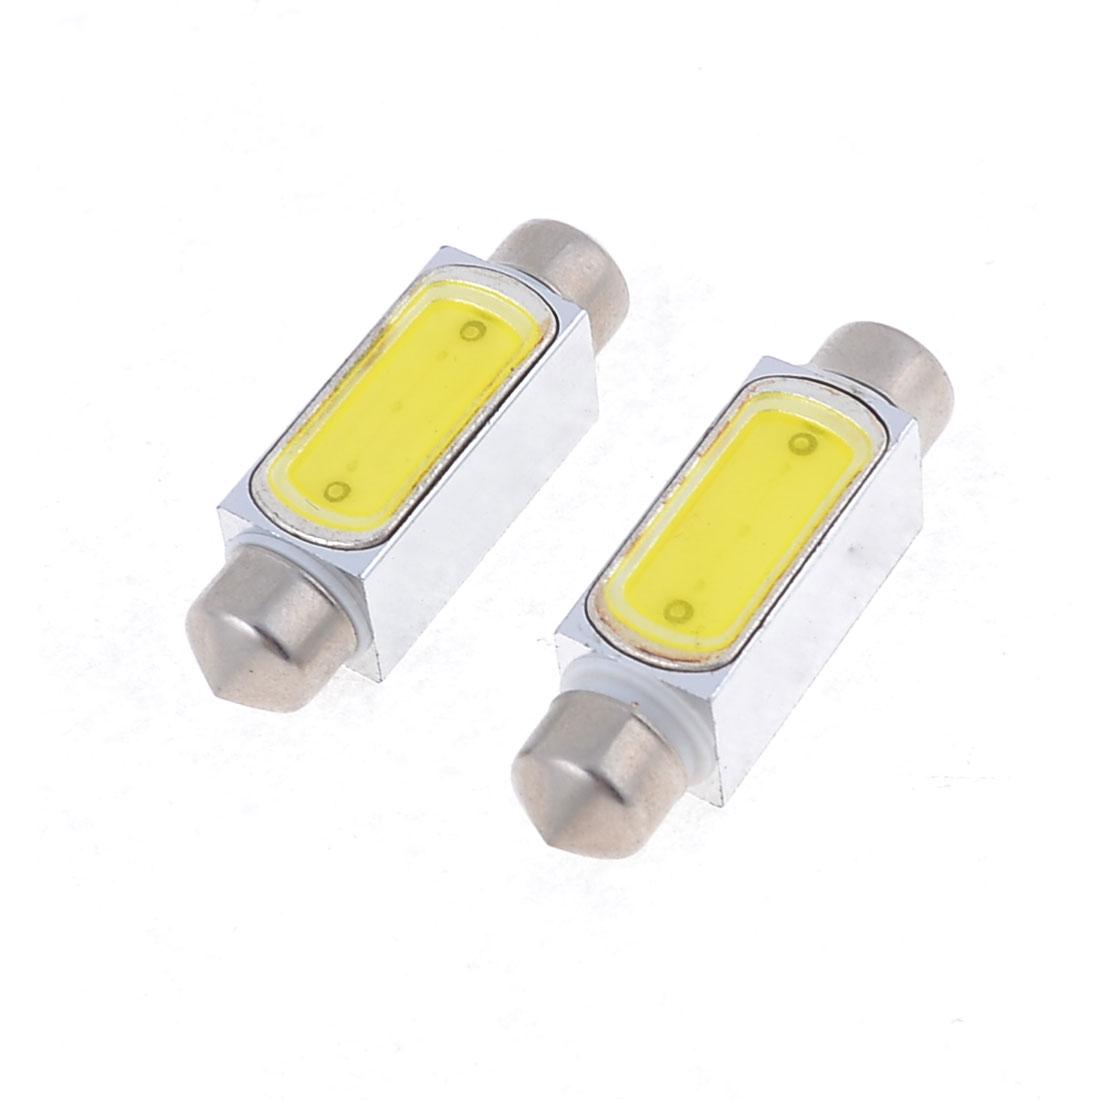 """2 x Car 39mm 1.54"""" White LED Festoon Dome Light Bulb Lamp 3W DC 12V 6411 6413"""